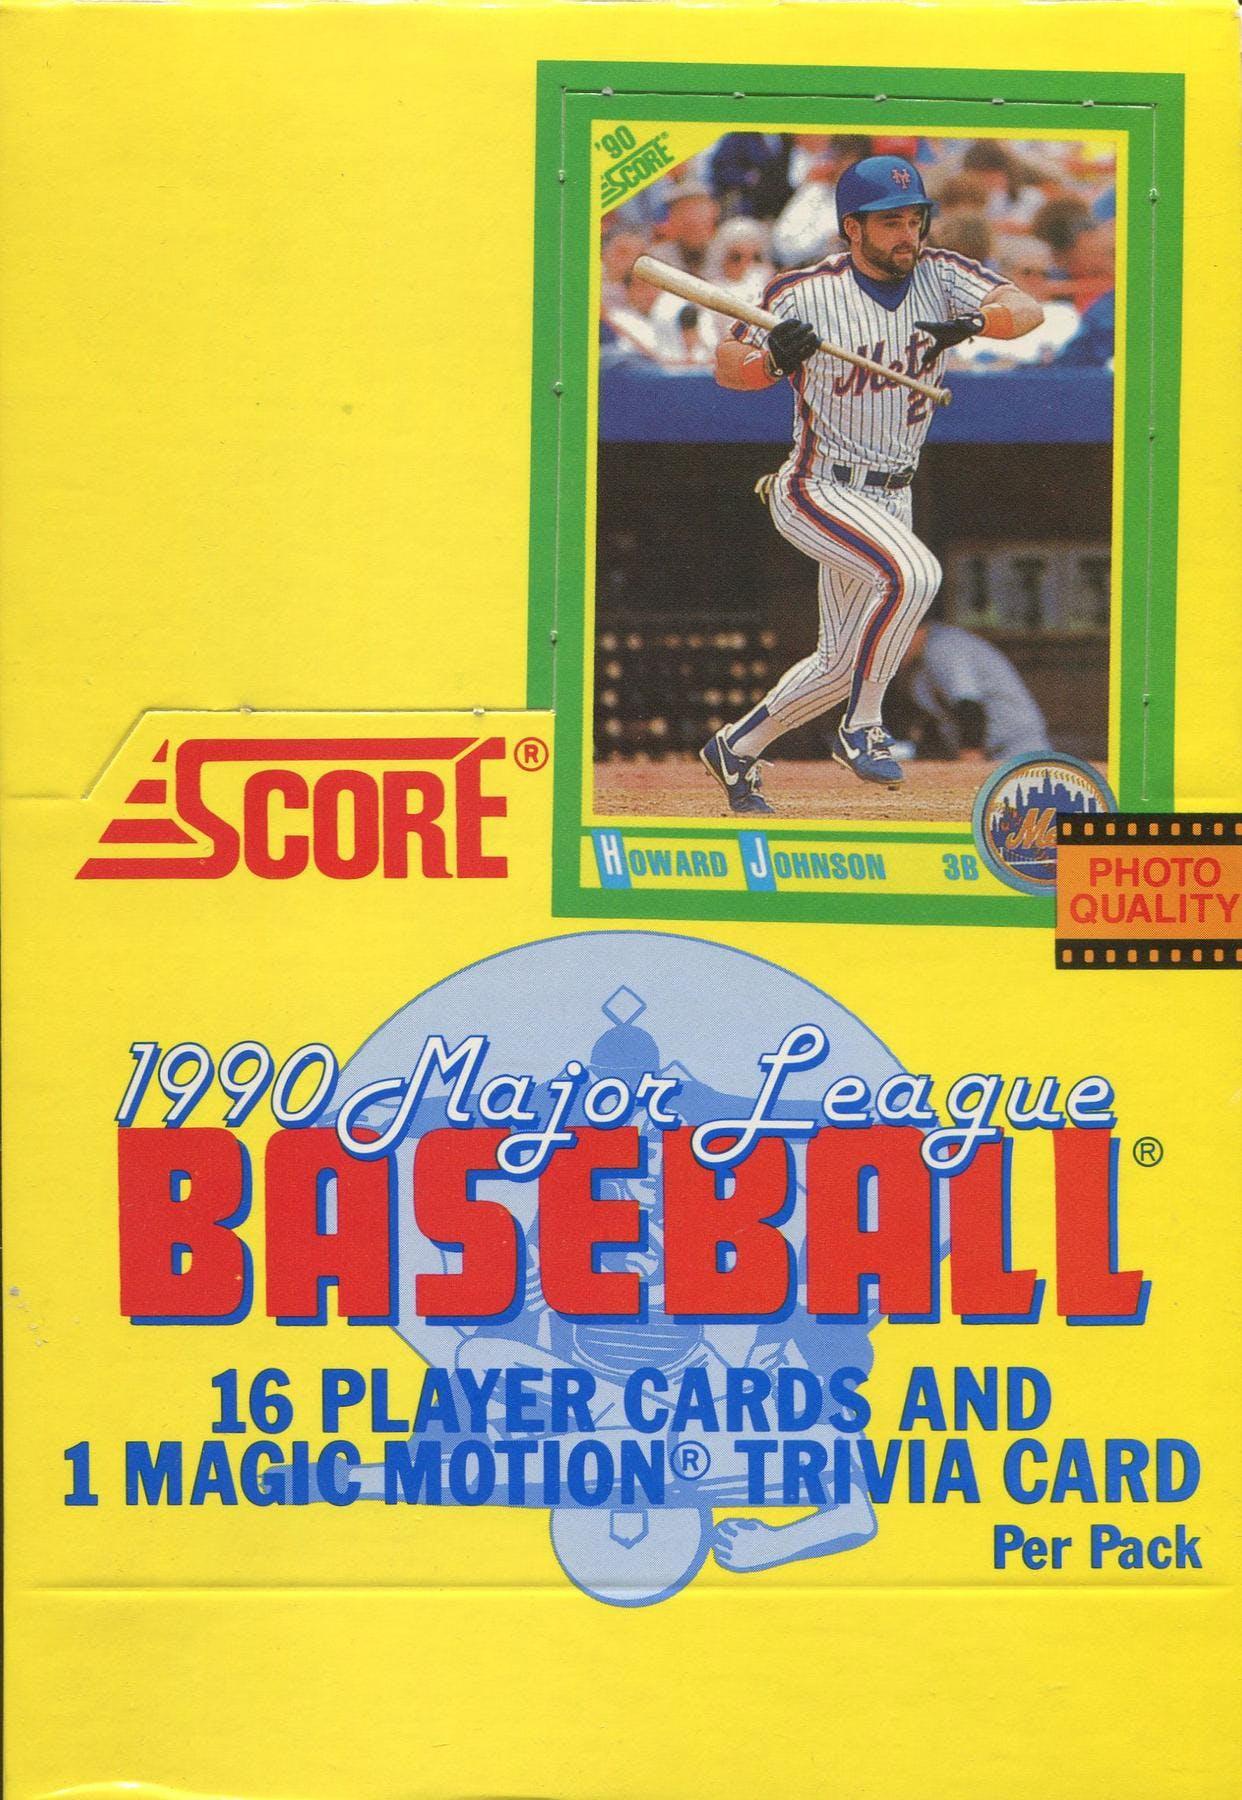 1990 Score Baseball Wax Box Da Card World